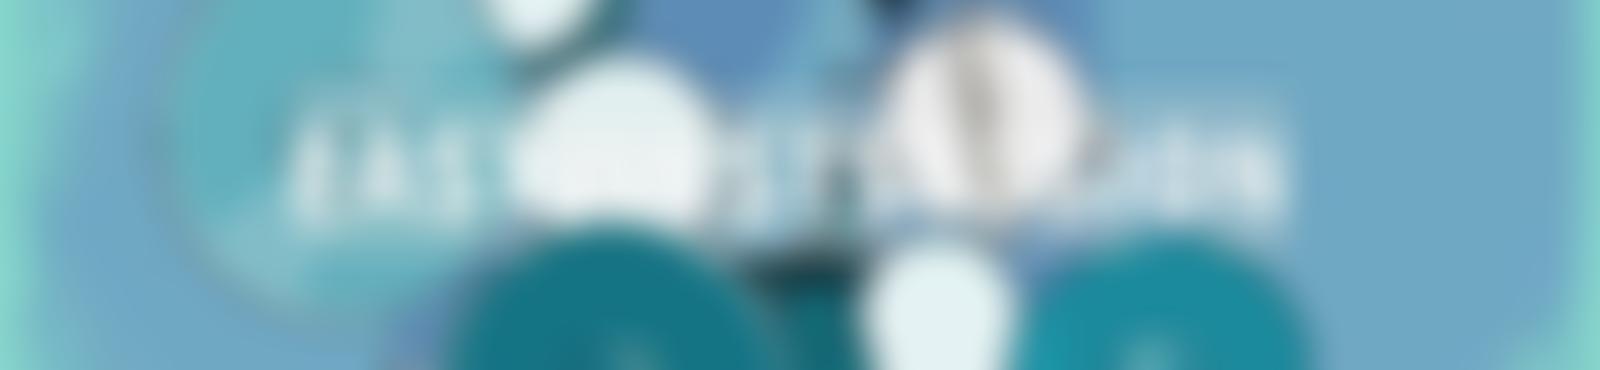 Blurred 14691276 1518025611544604 223580022061613439 o